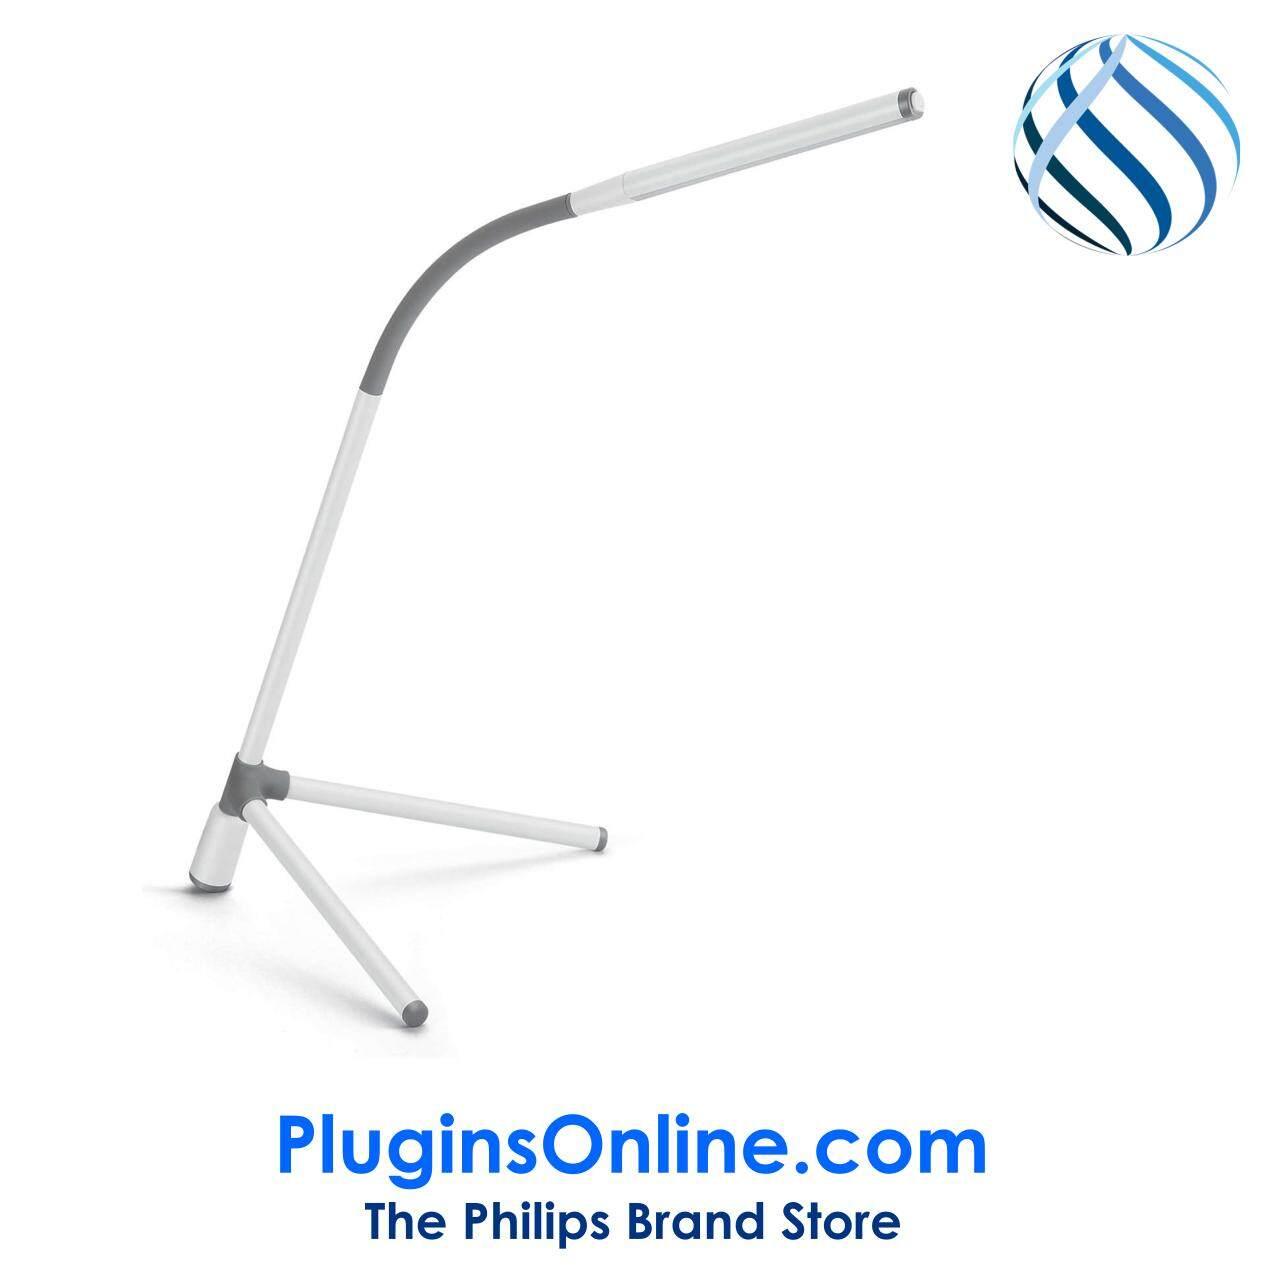 Philips 66046 Portable Ultra Slim LED Desk Light (White)